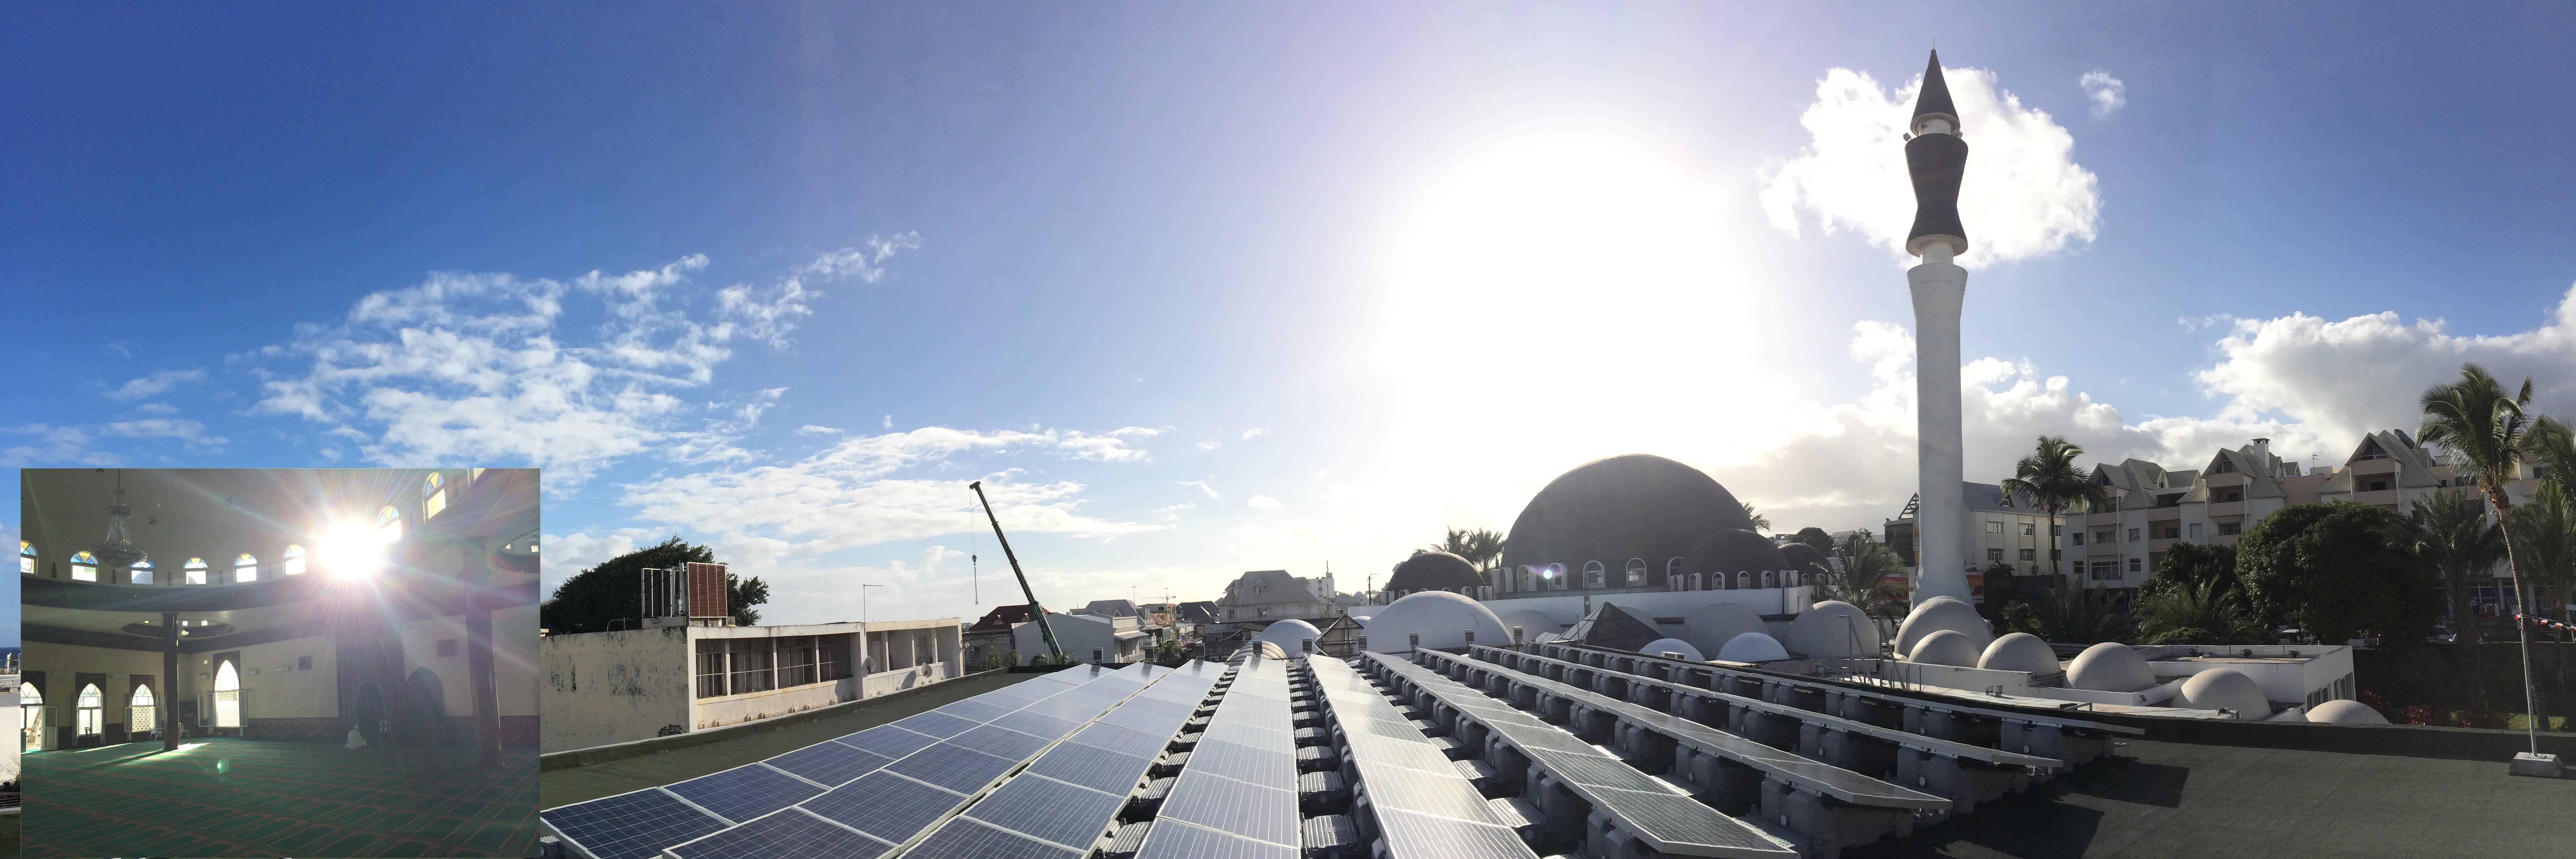 France Energies climatise la mosquée de St Pierre en 100% solaire !